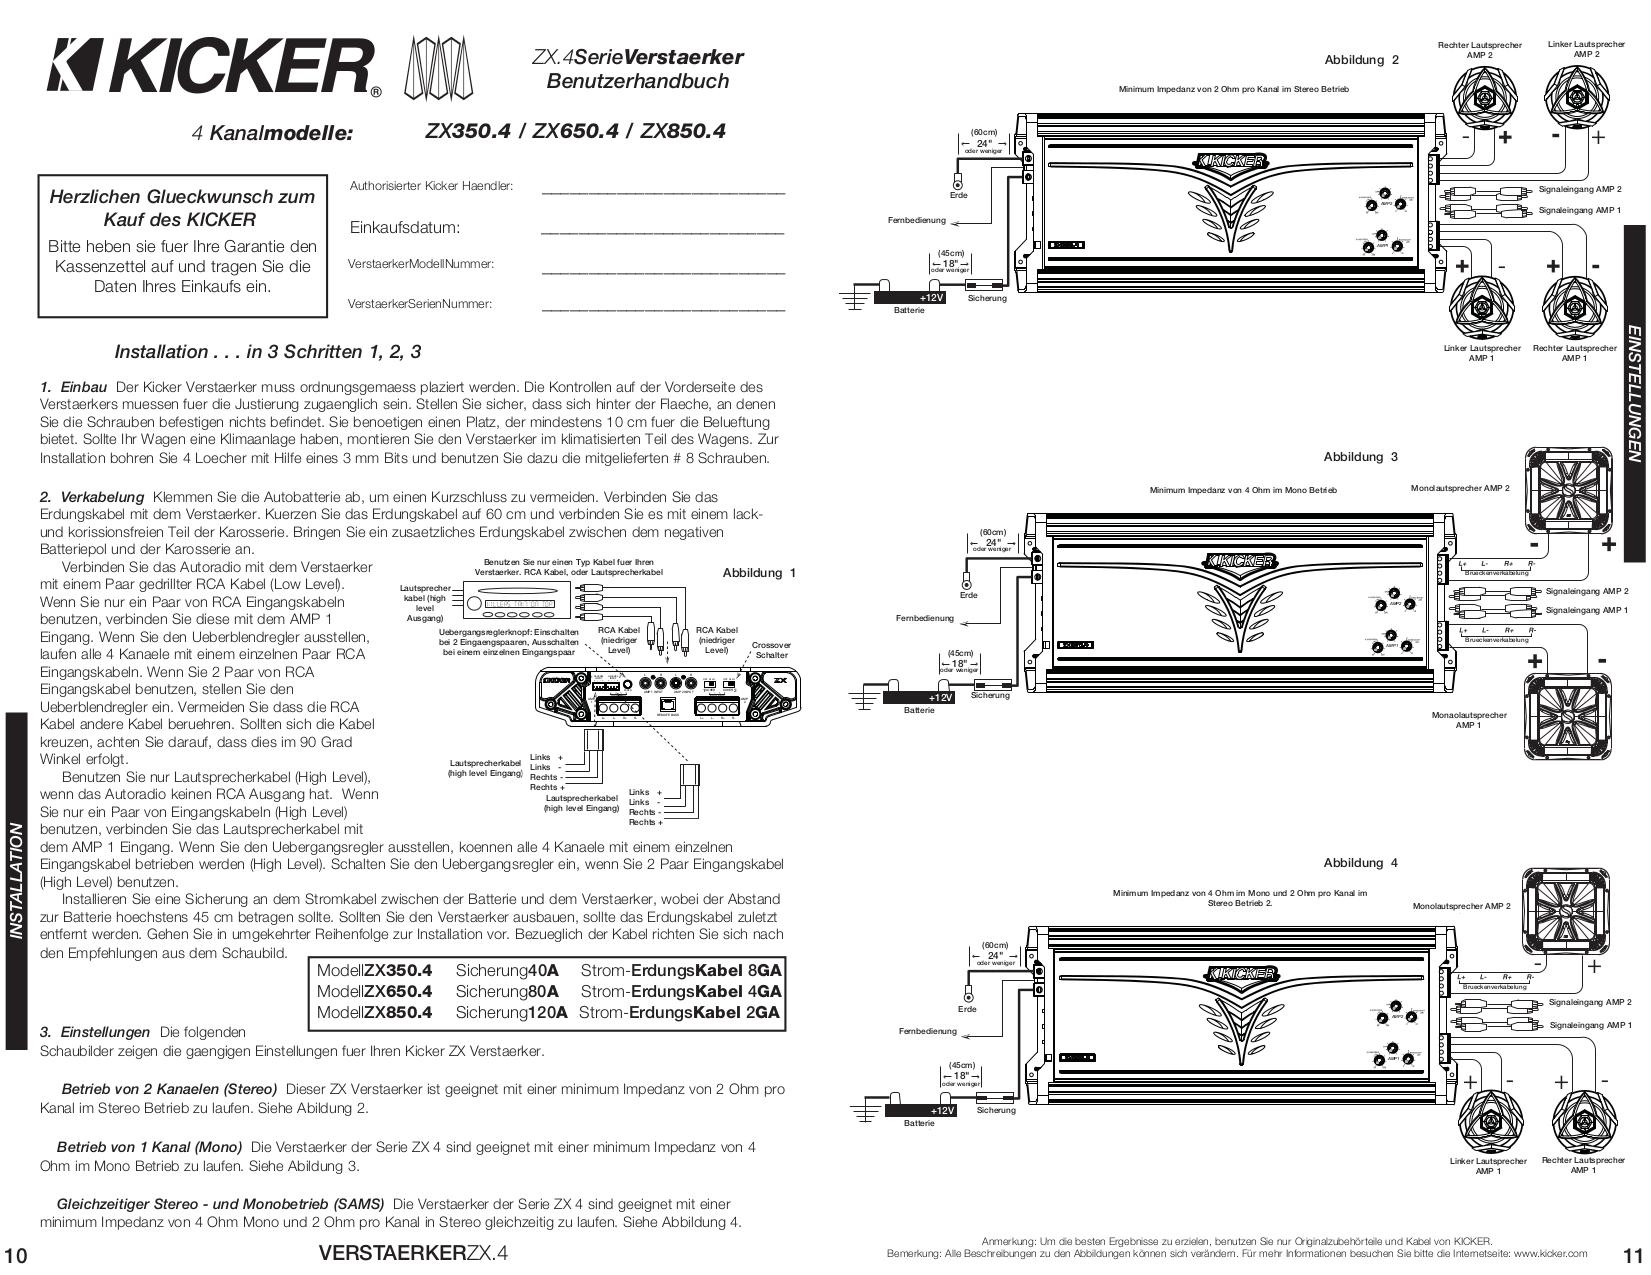 Kicker 5 Channel Car Lifier On Kicker Cx600 1 Amp Wiring Diagram